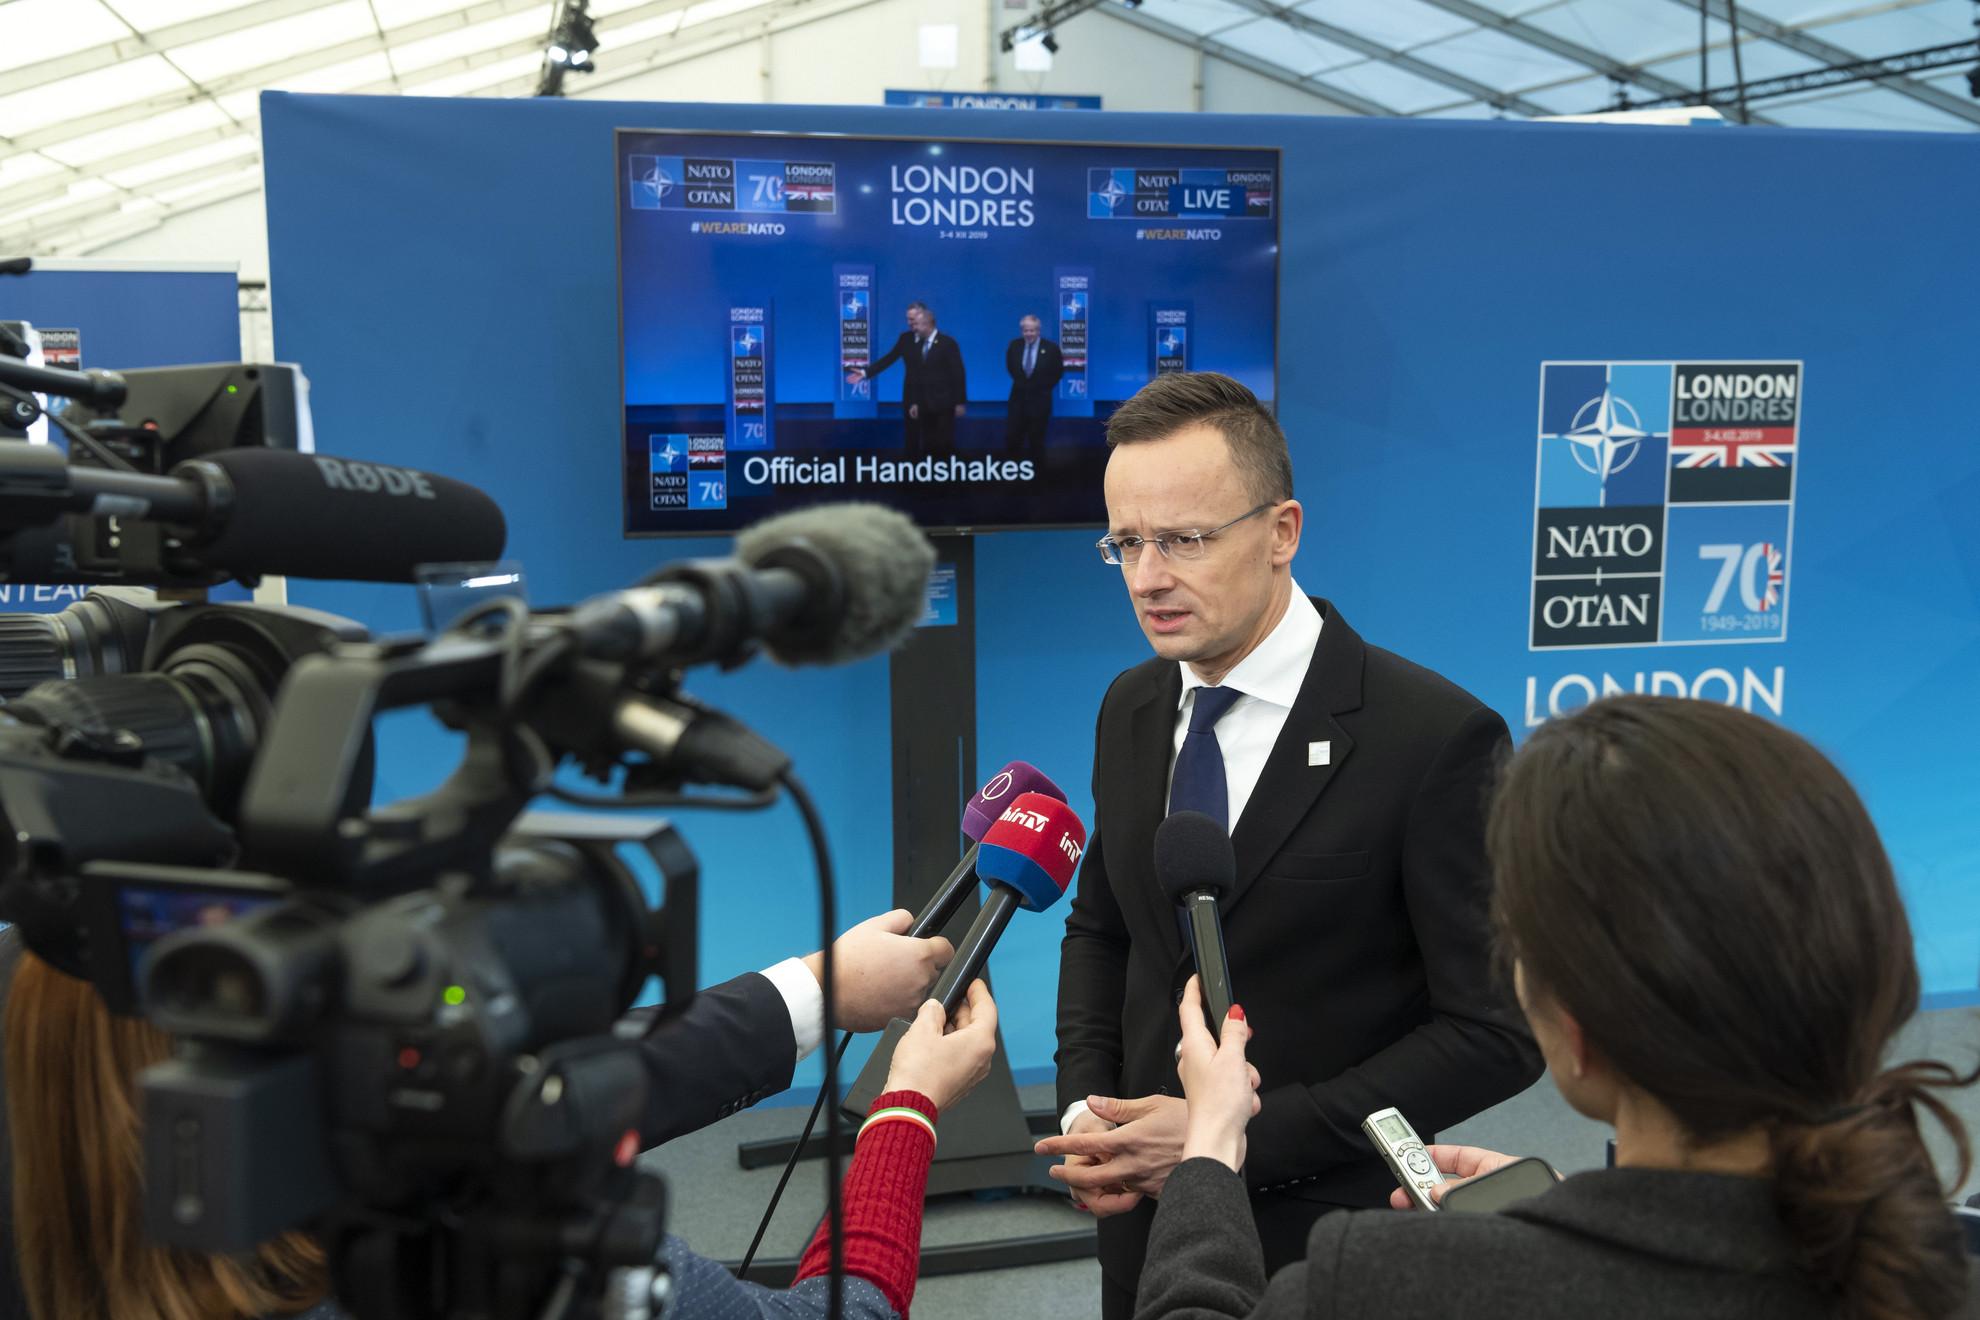 A brit fővárosban előző nap kezdődött a NATO jubileumi csúcstalálkozója a védelmi szervezet megalakulásának 70. évfordulója alkalmából